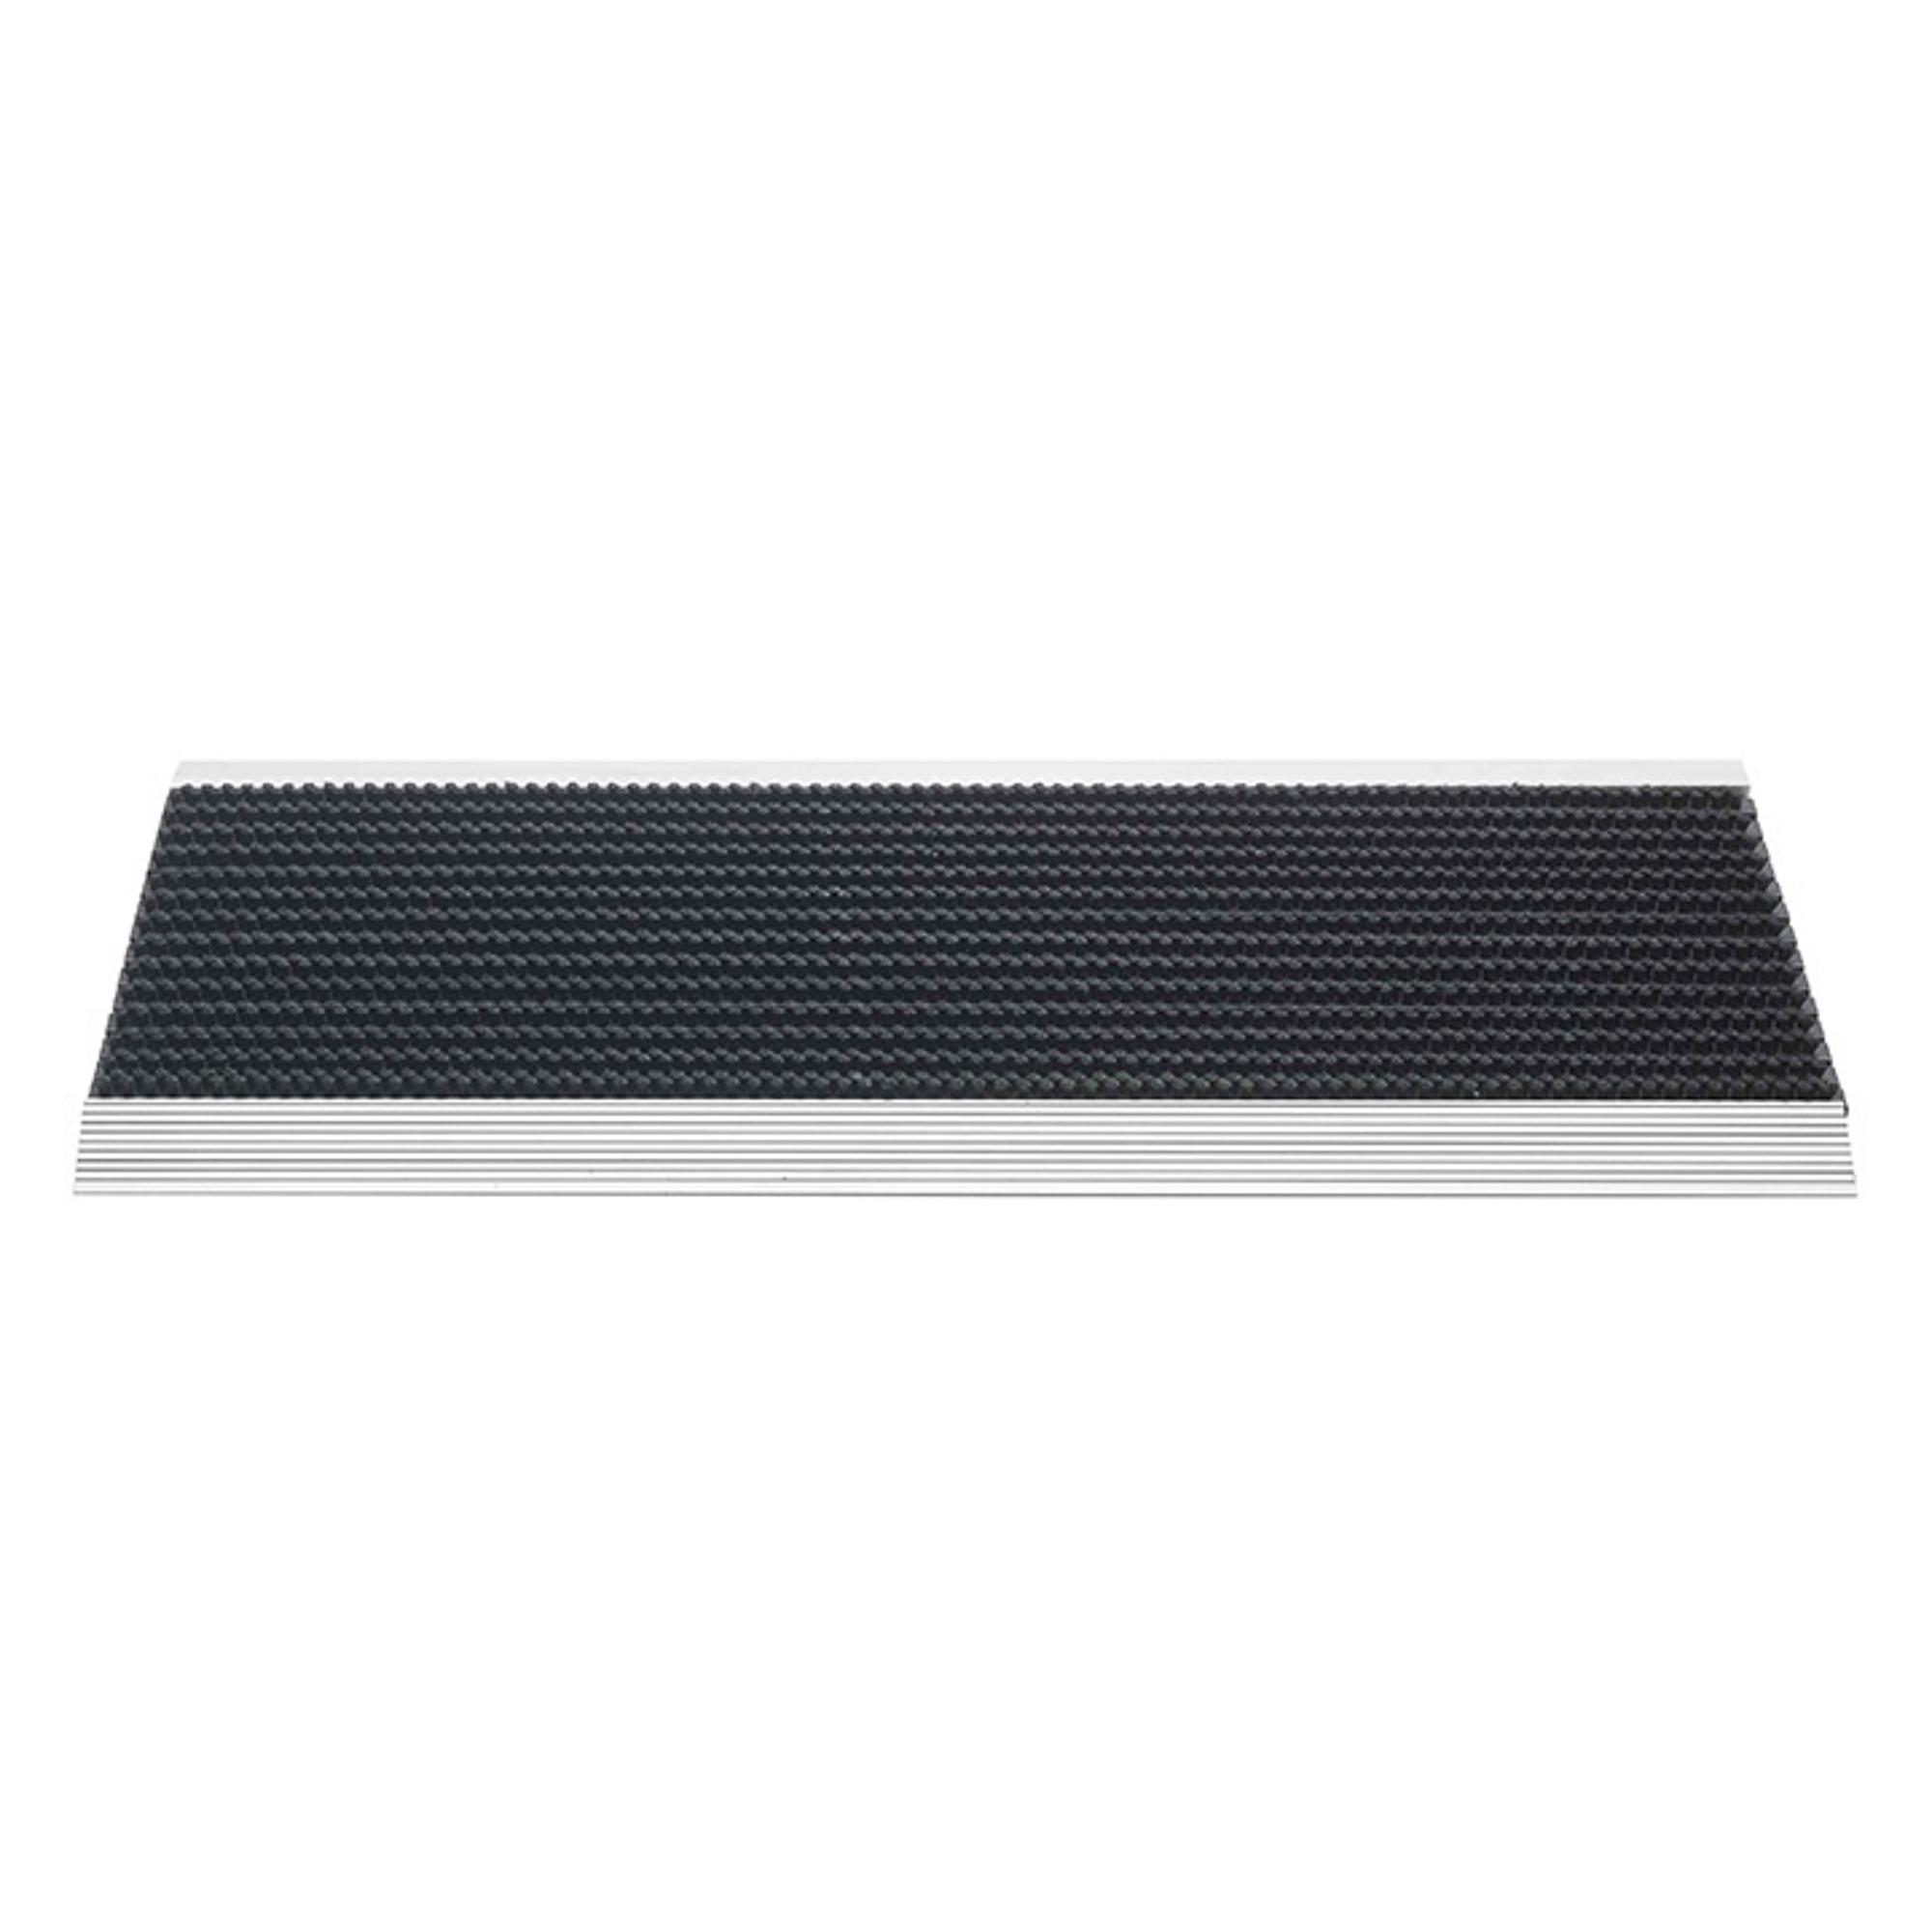 Коврик HAMAT 325 Outline черный 40x60 см фото